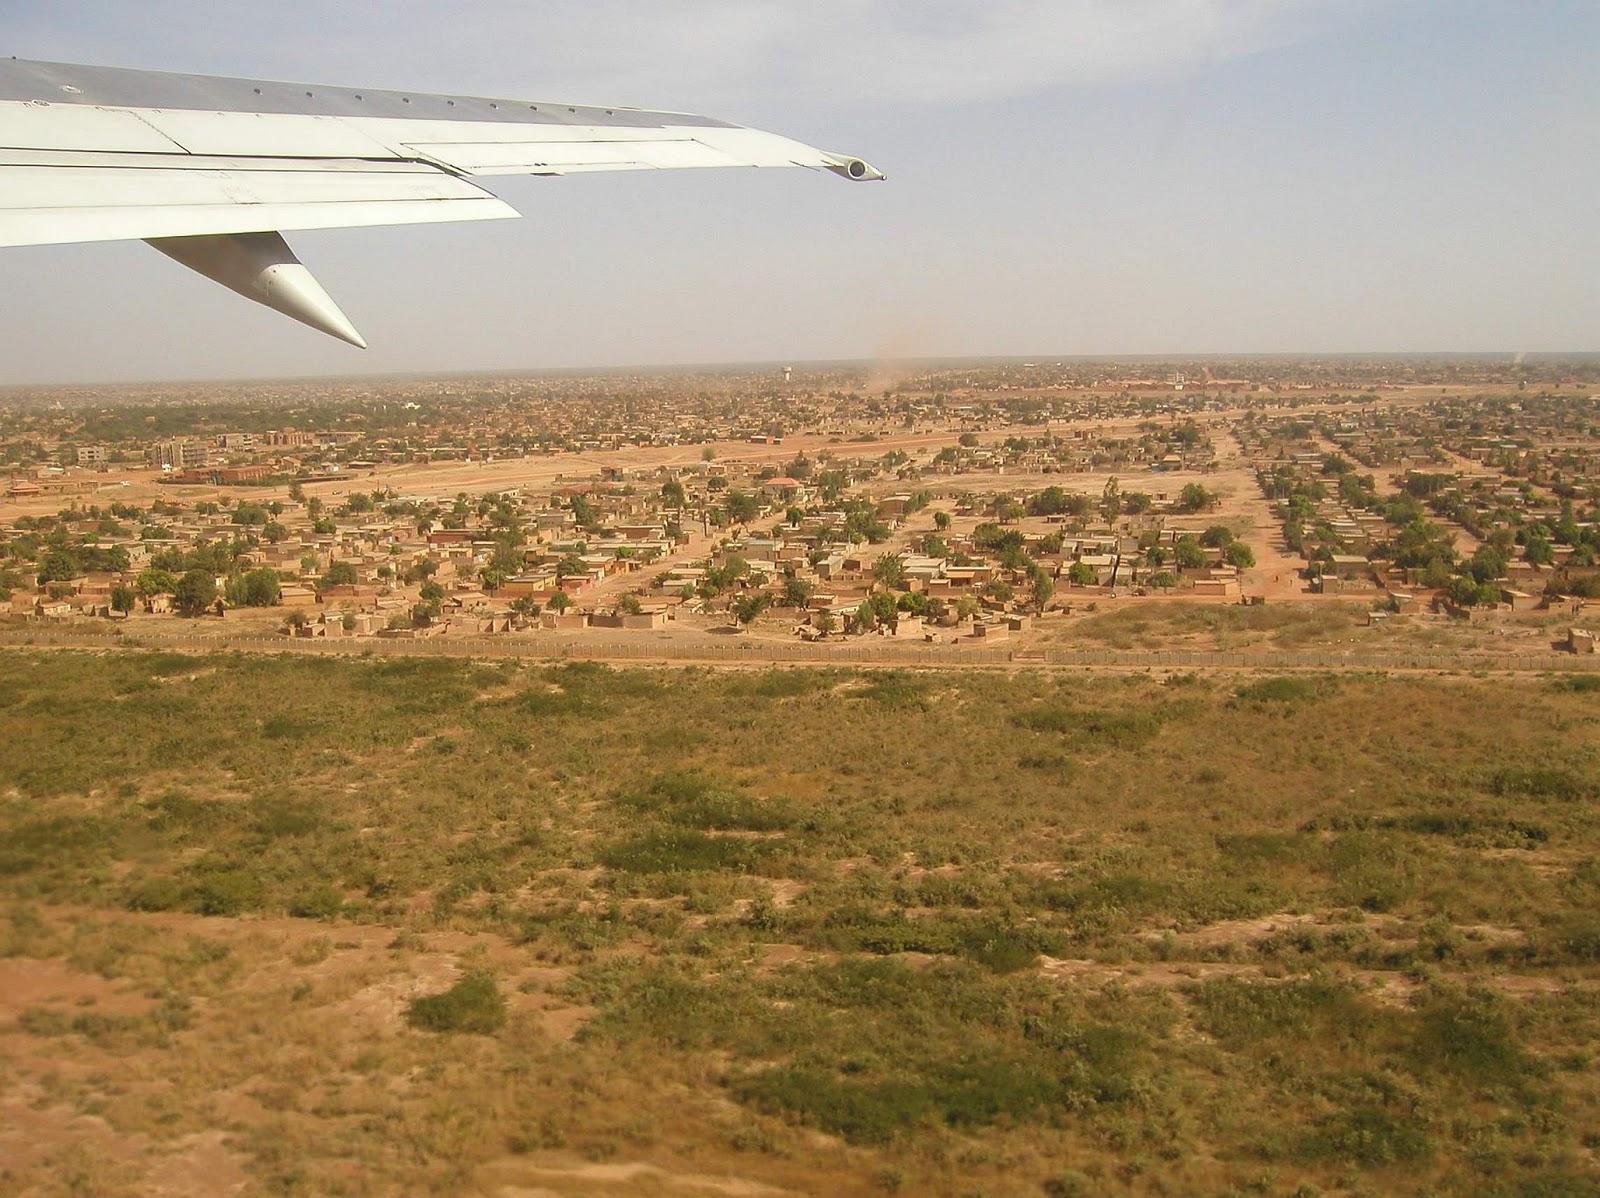 http://3.bp.blogspot.com/_e45GK4i1E8M/TQ9bfXs0FtI/AAAAAAAABmw/pU3tz0dX_TU/s1600/Burkina_Faso-Ouagadougou-PBtforcdivad.jpg